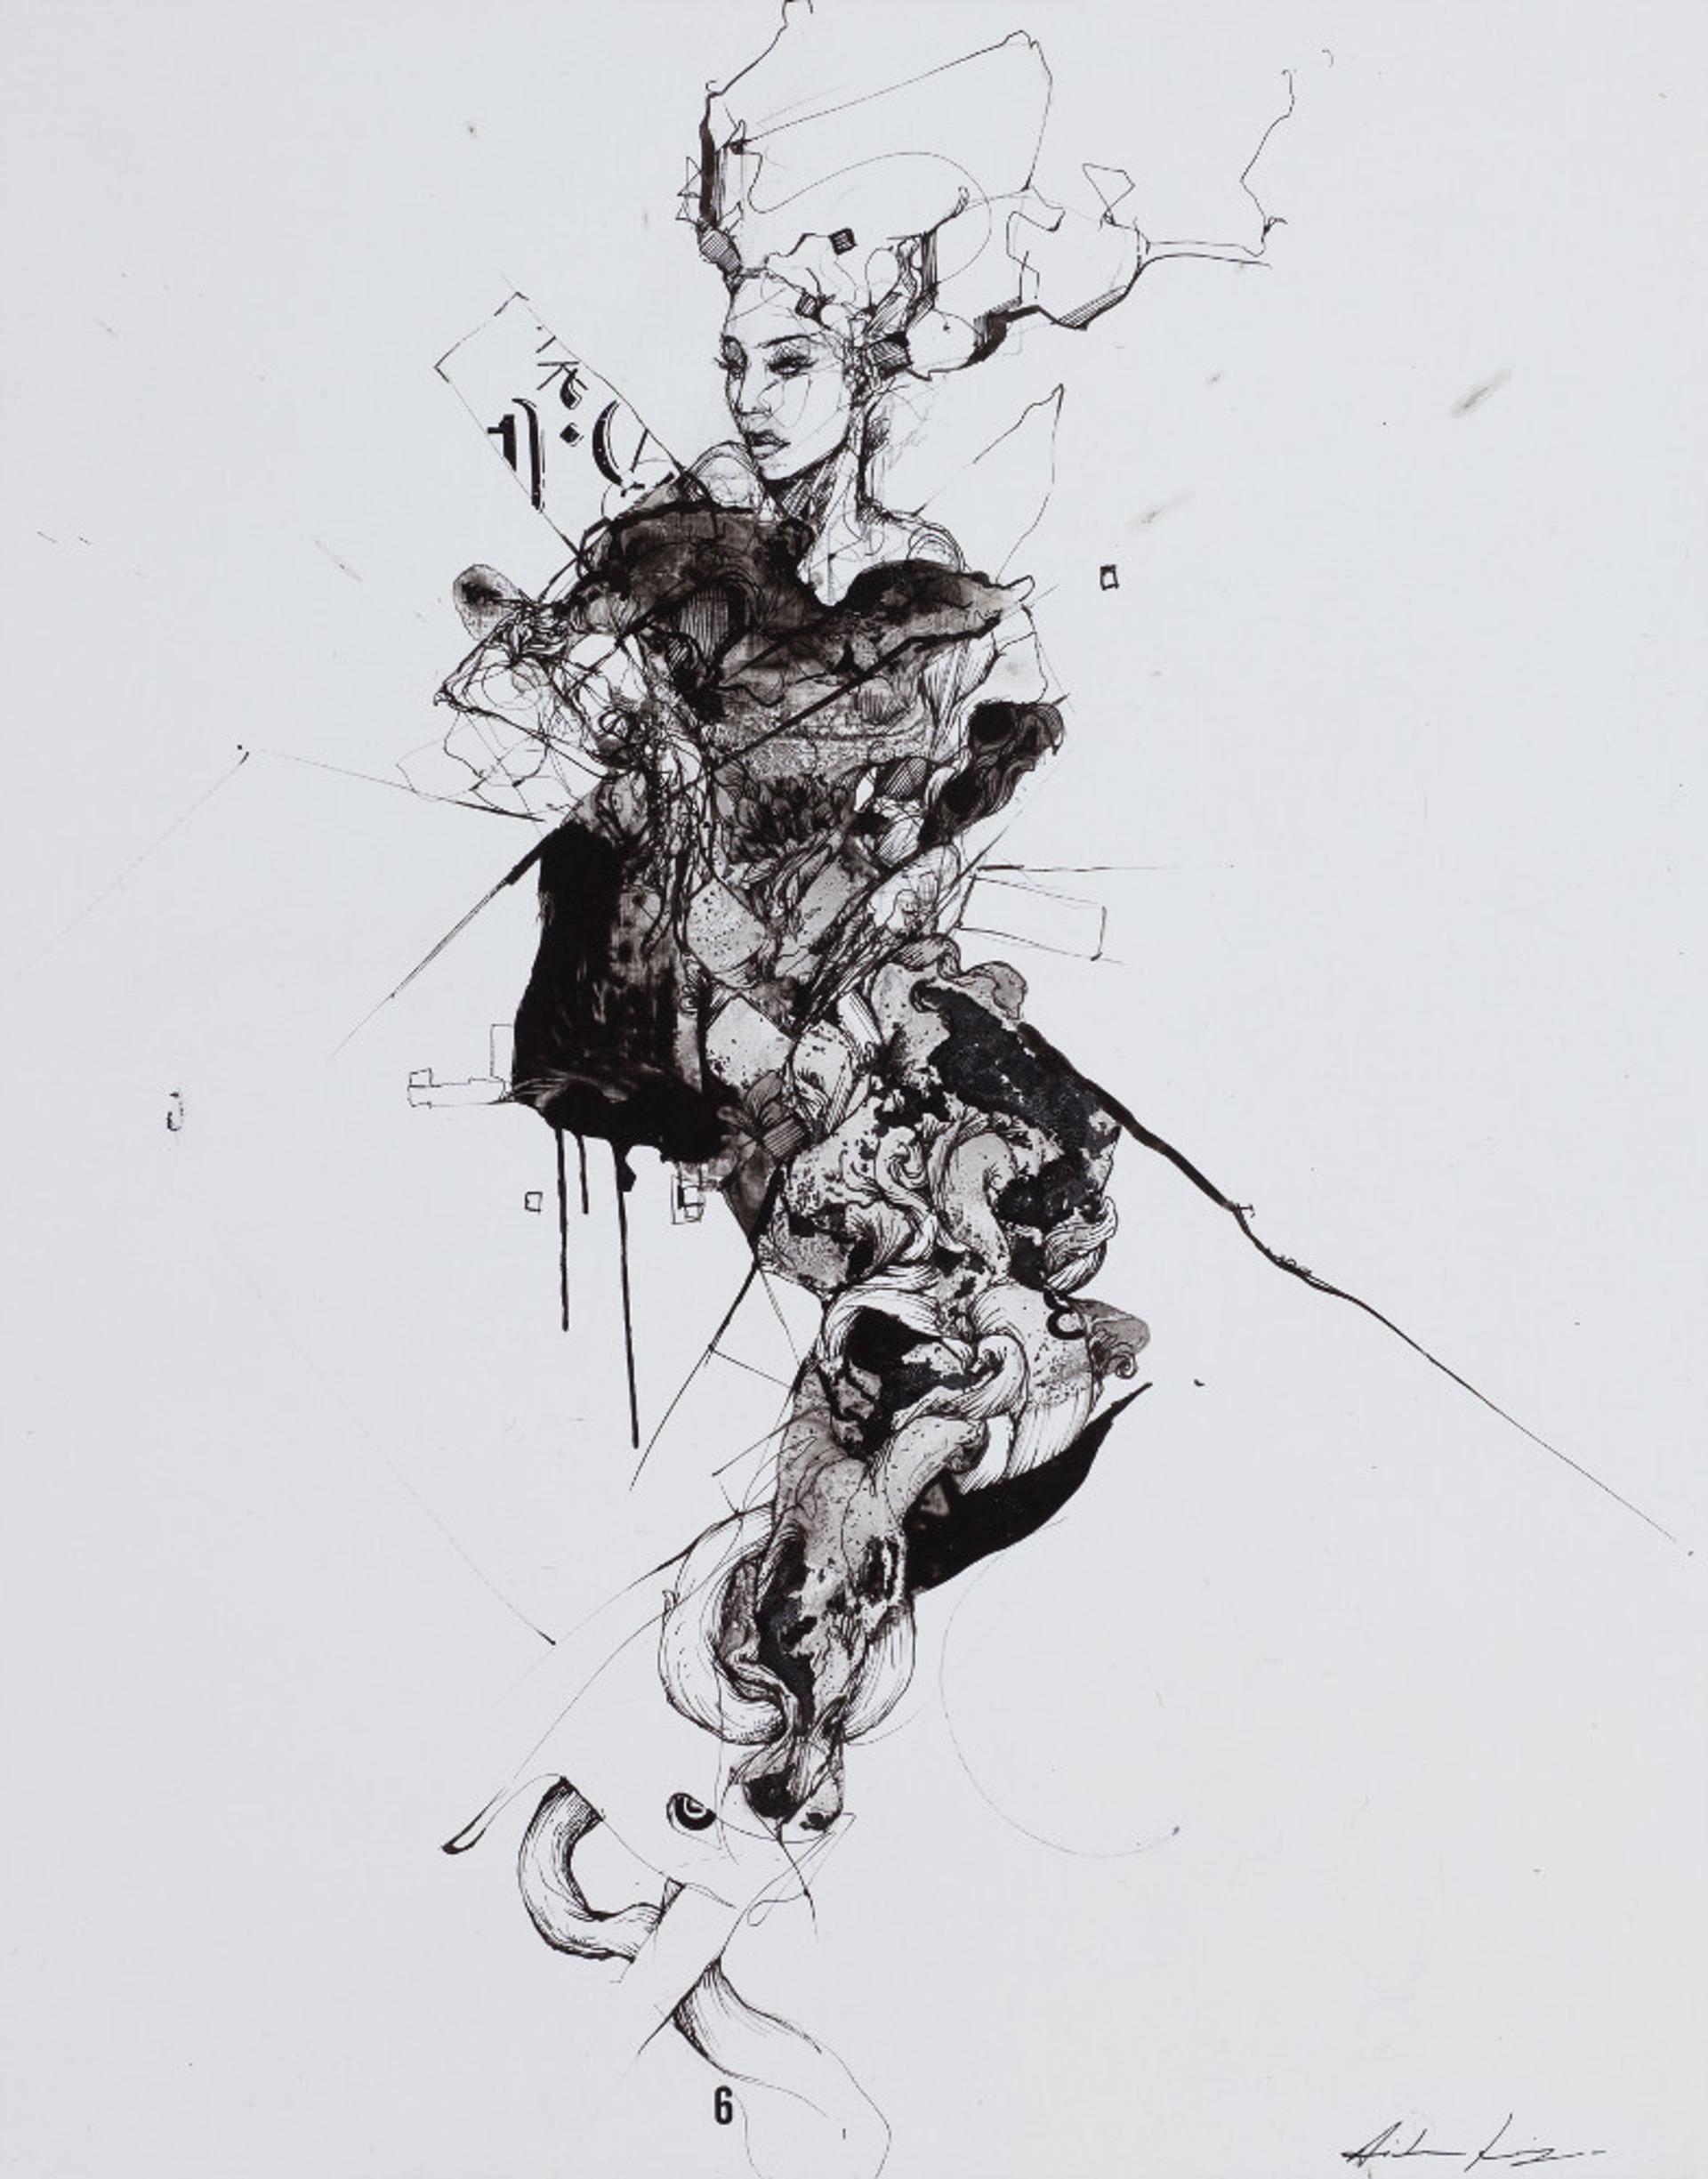 Composure 3 by Aiden Kringen